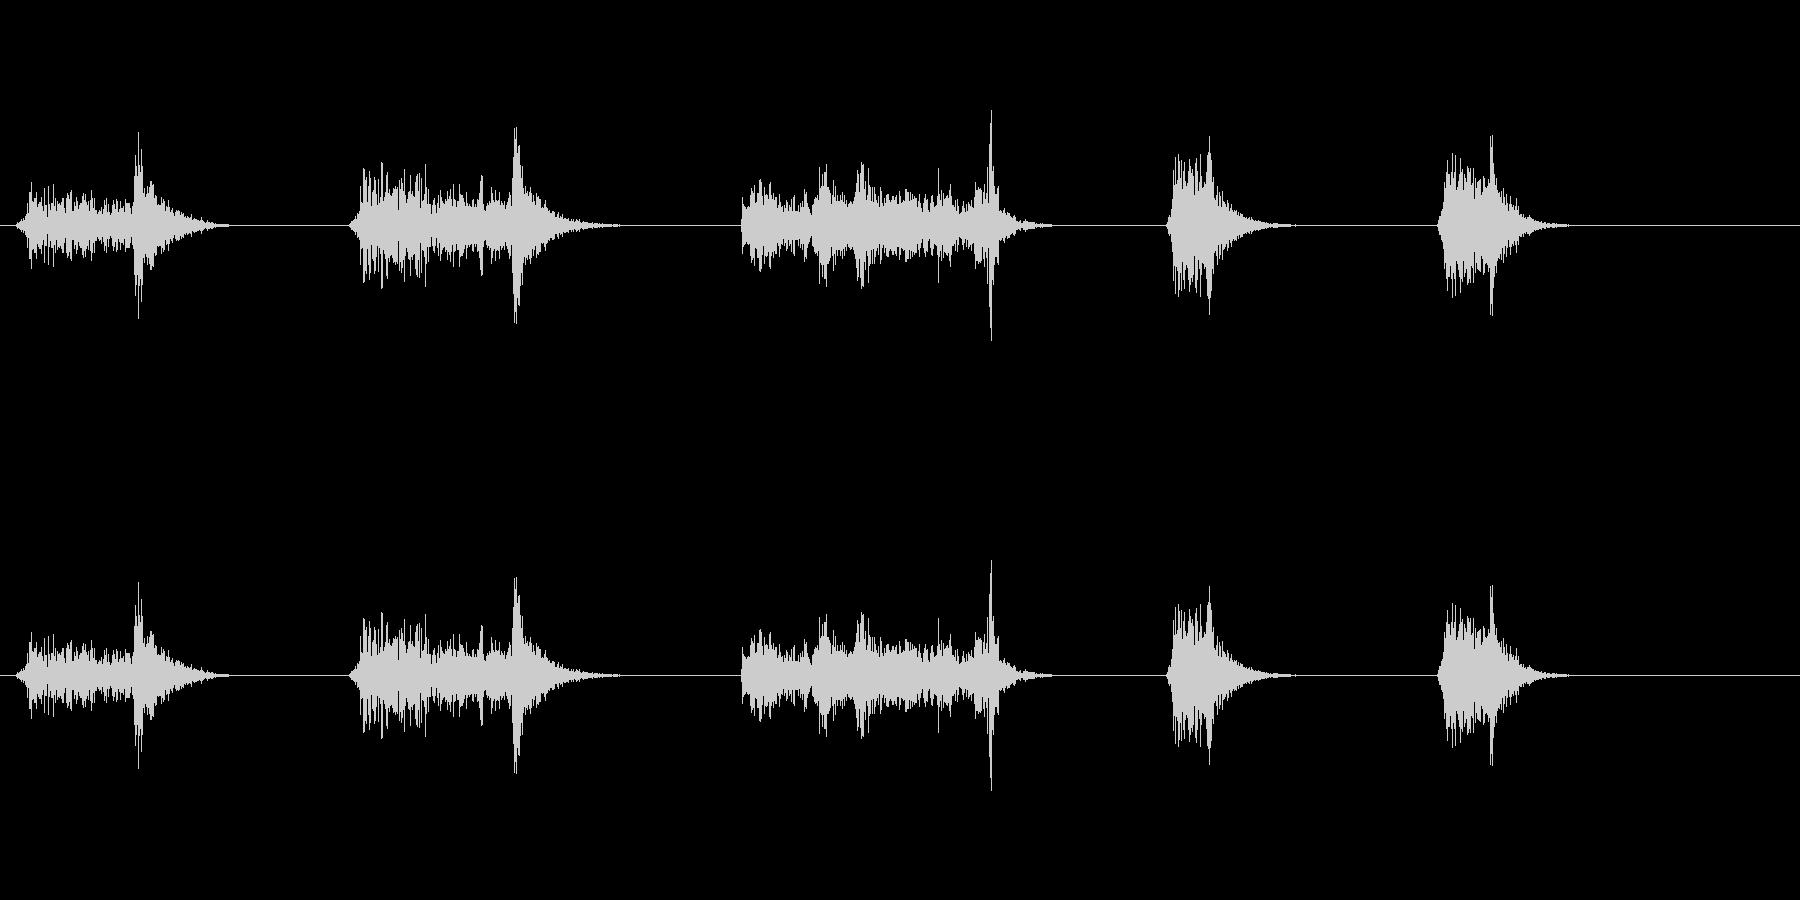 城門1の未再生の波形